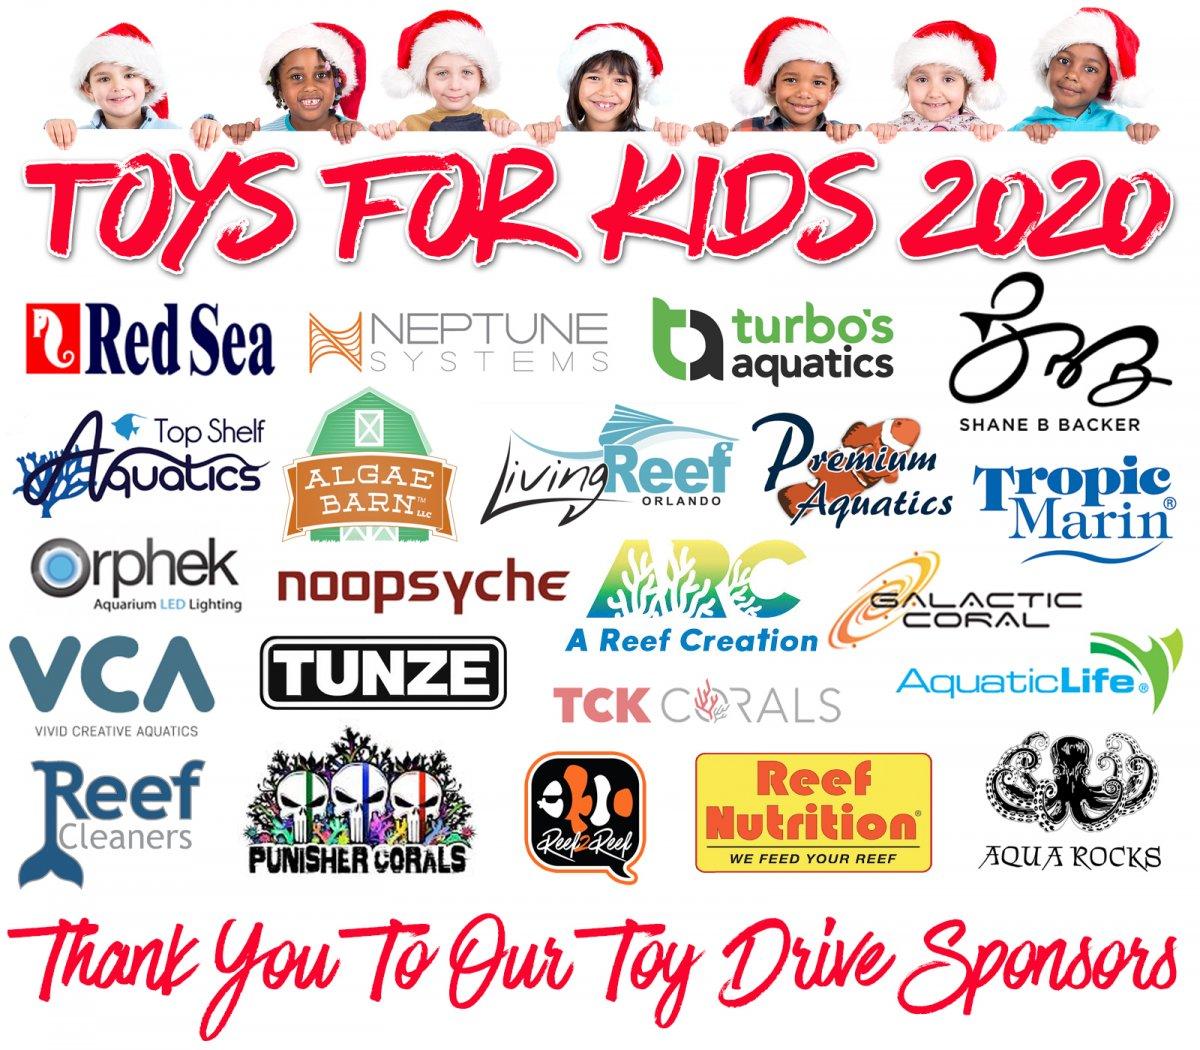 Toys for kids sponsors 2020.jpg